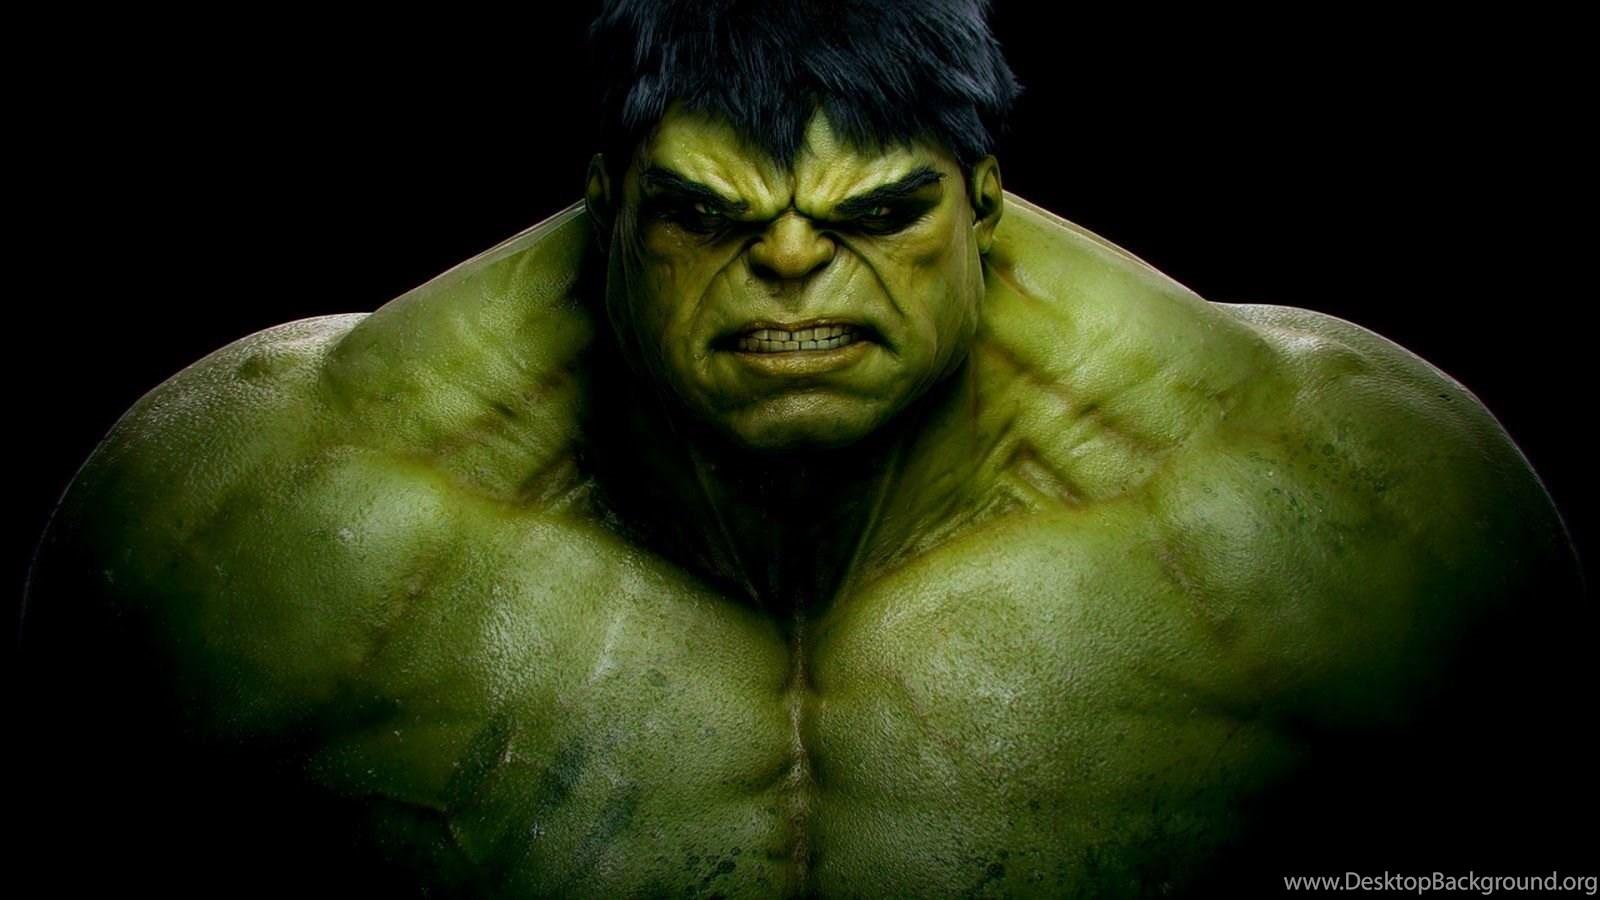 fondos de comics hulk,wallpapers gratis el hombre increible